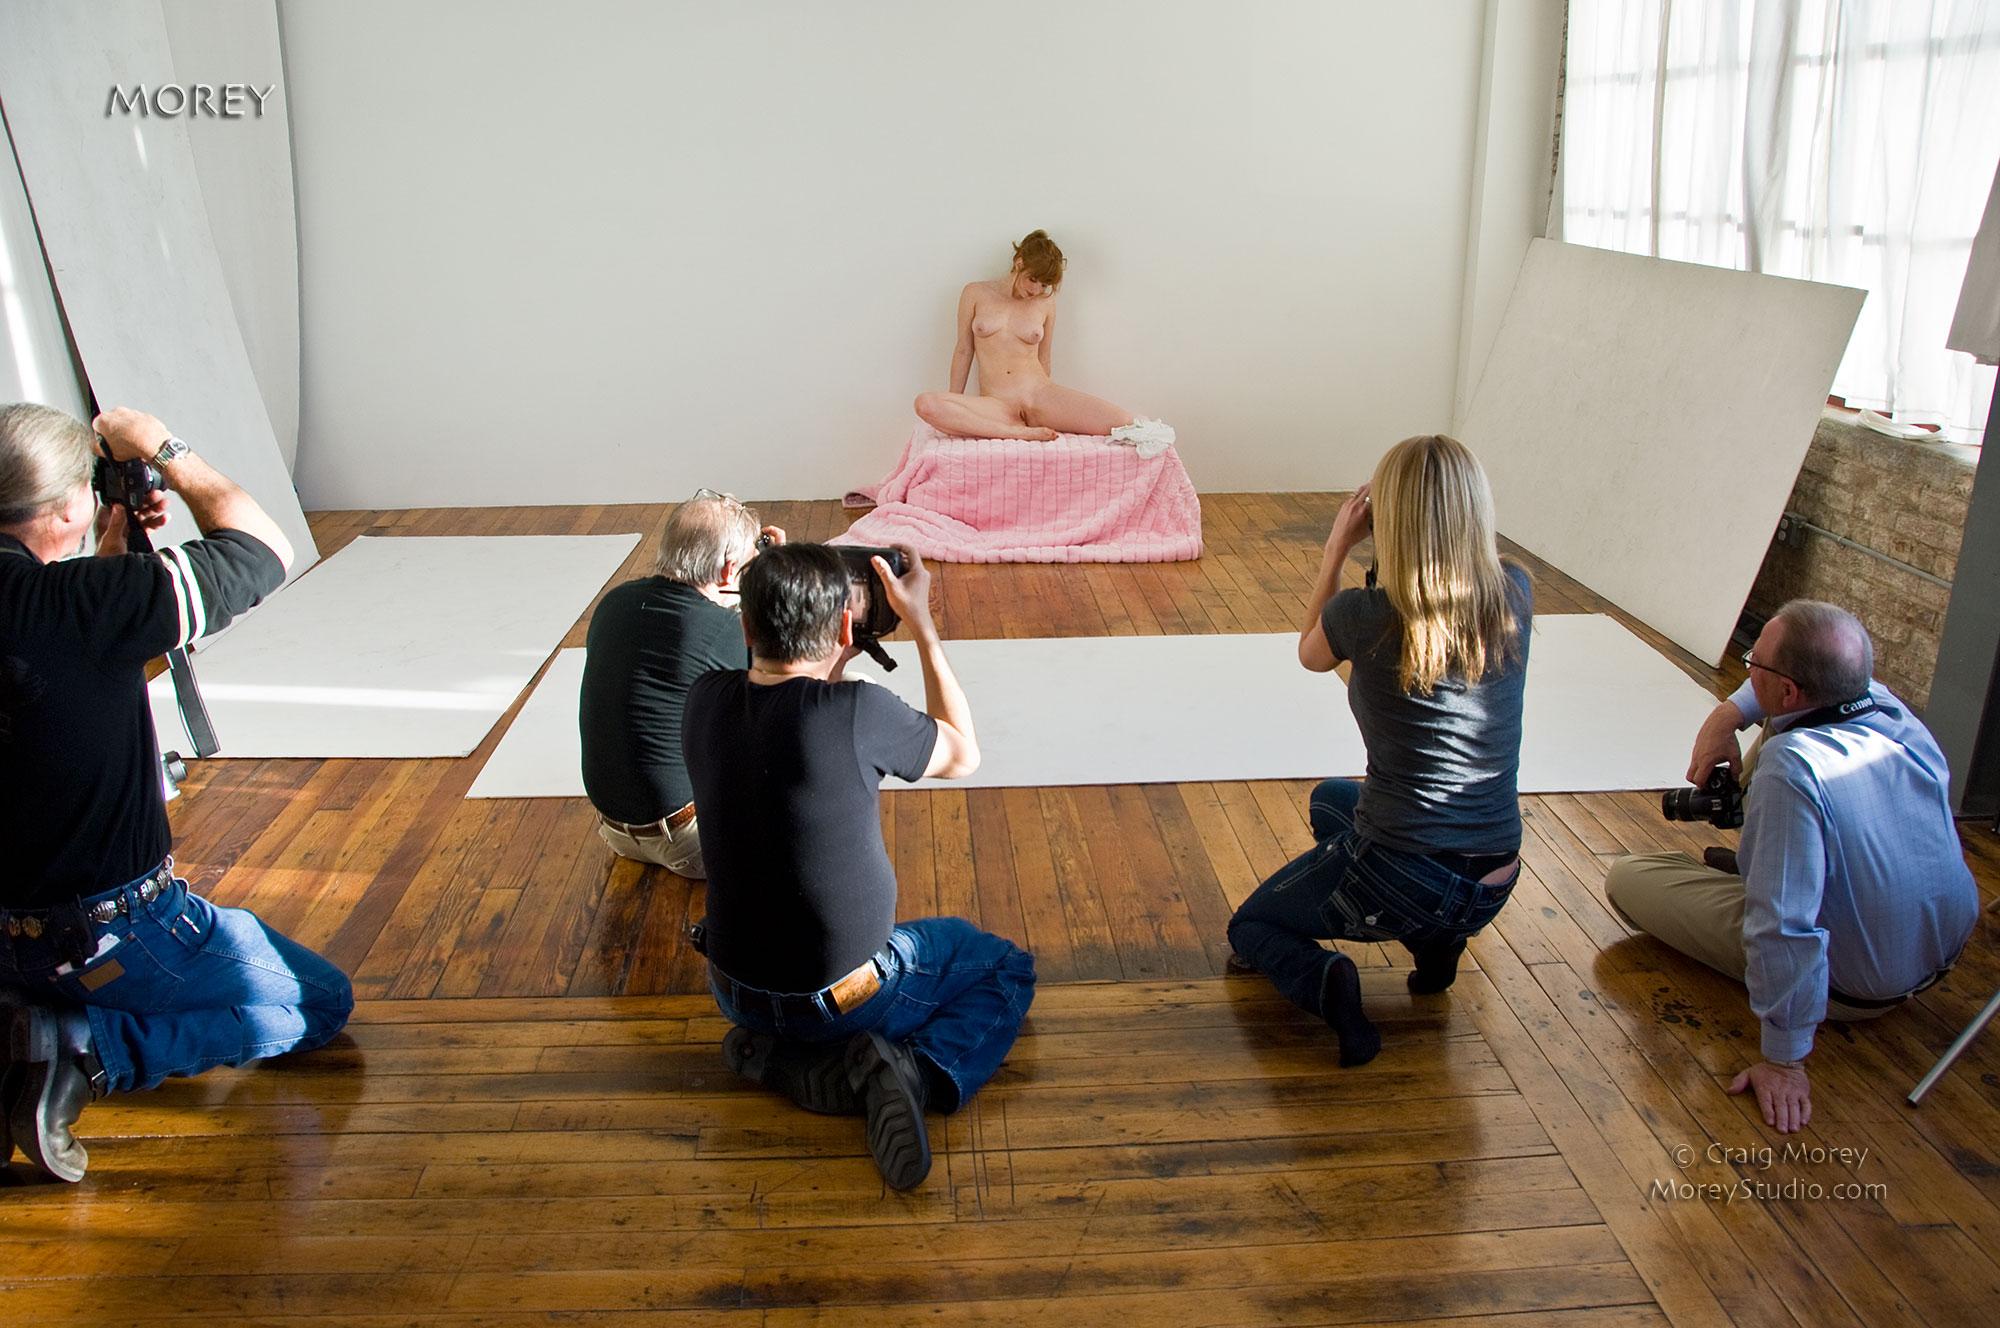 amateur photography rates